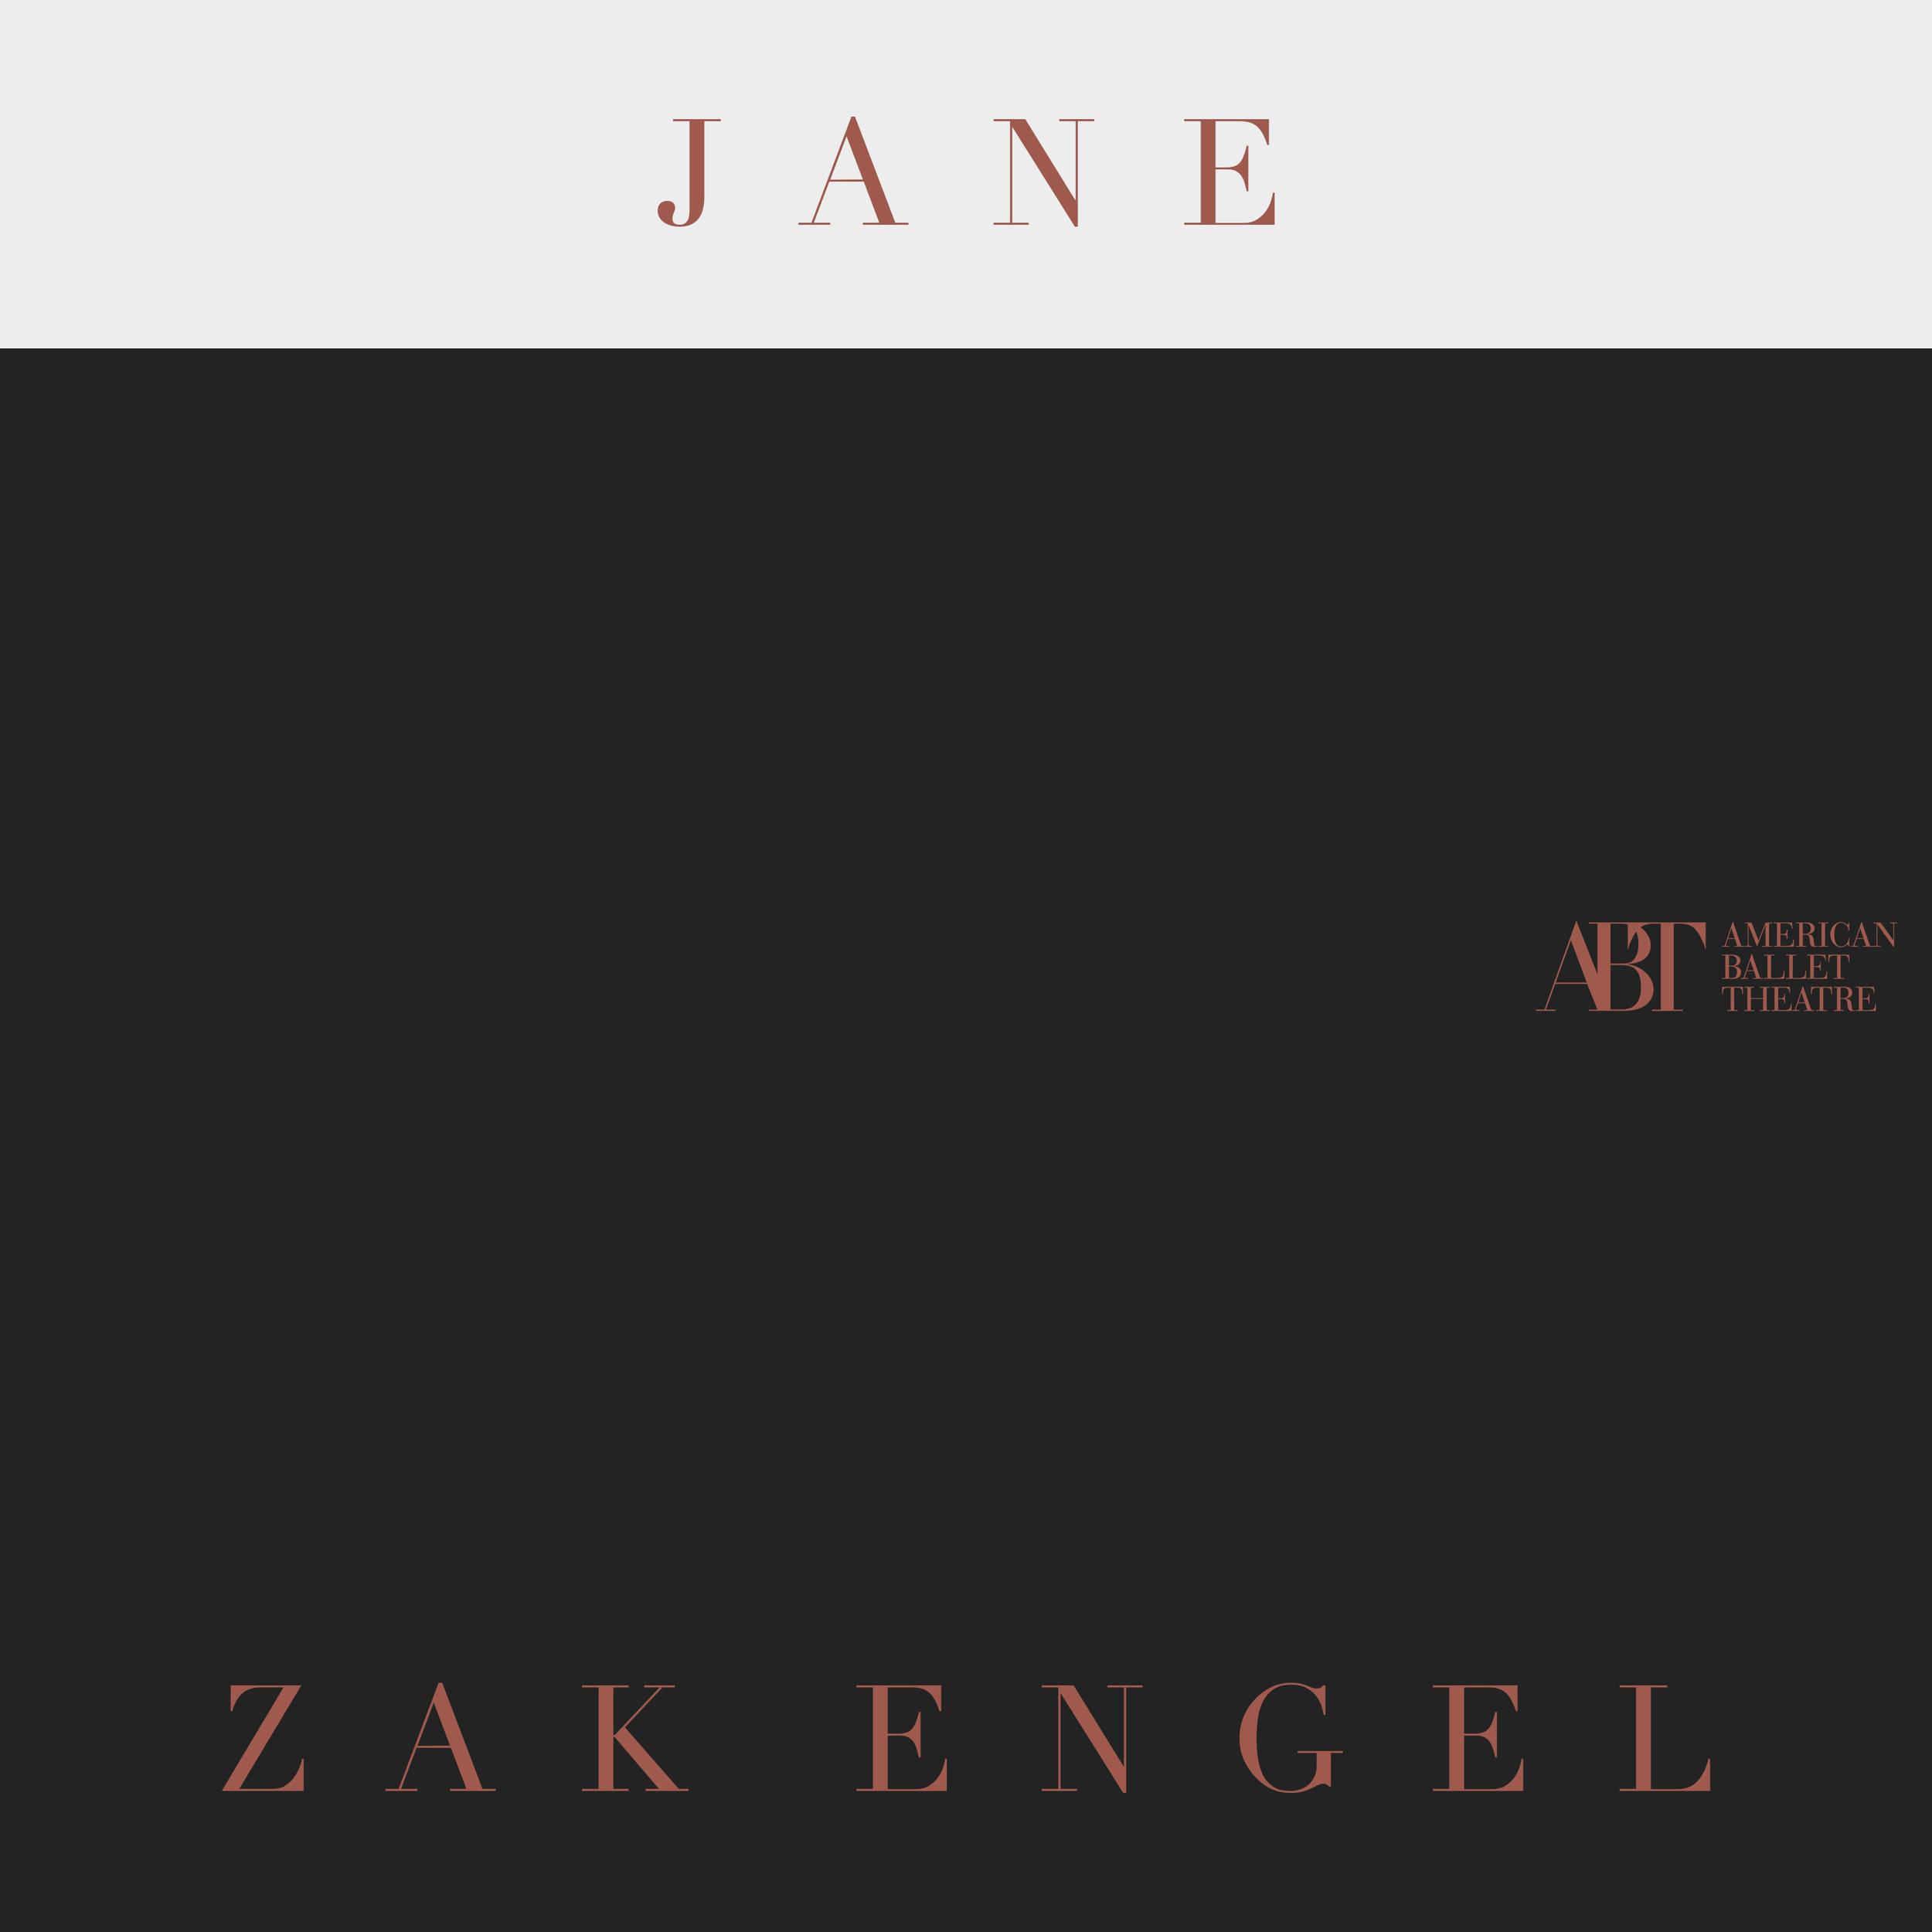 Jane v9.jpg